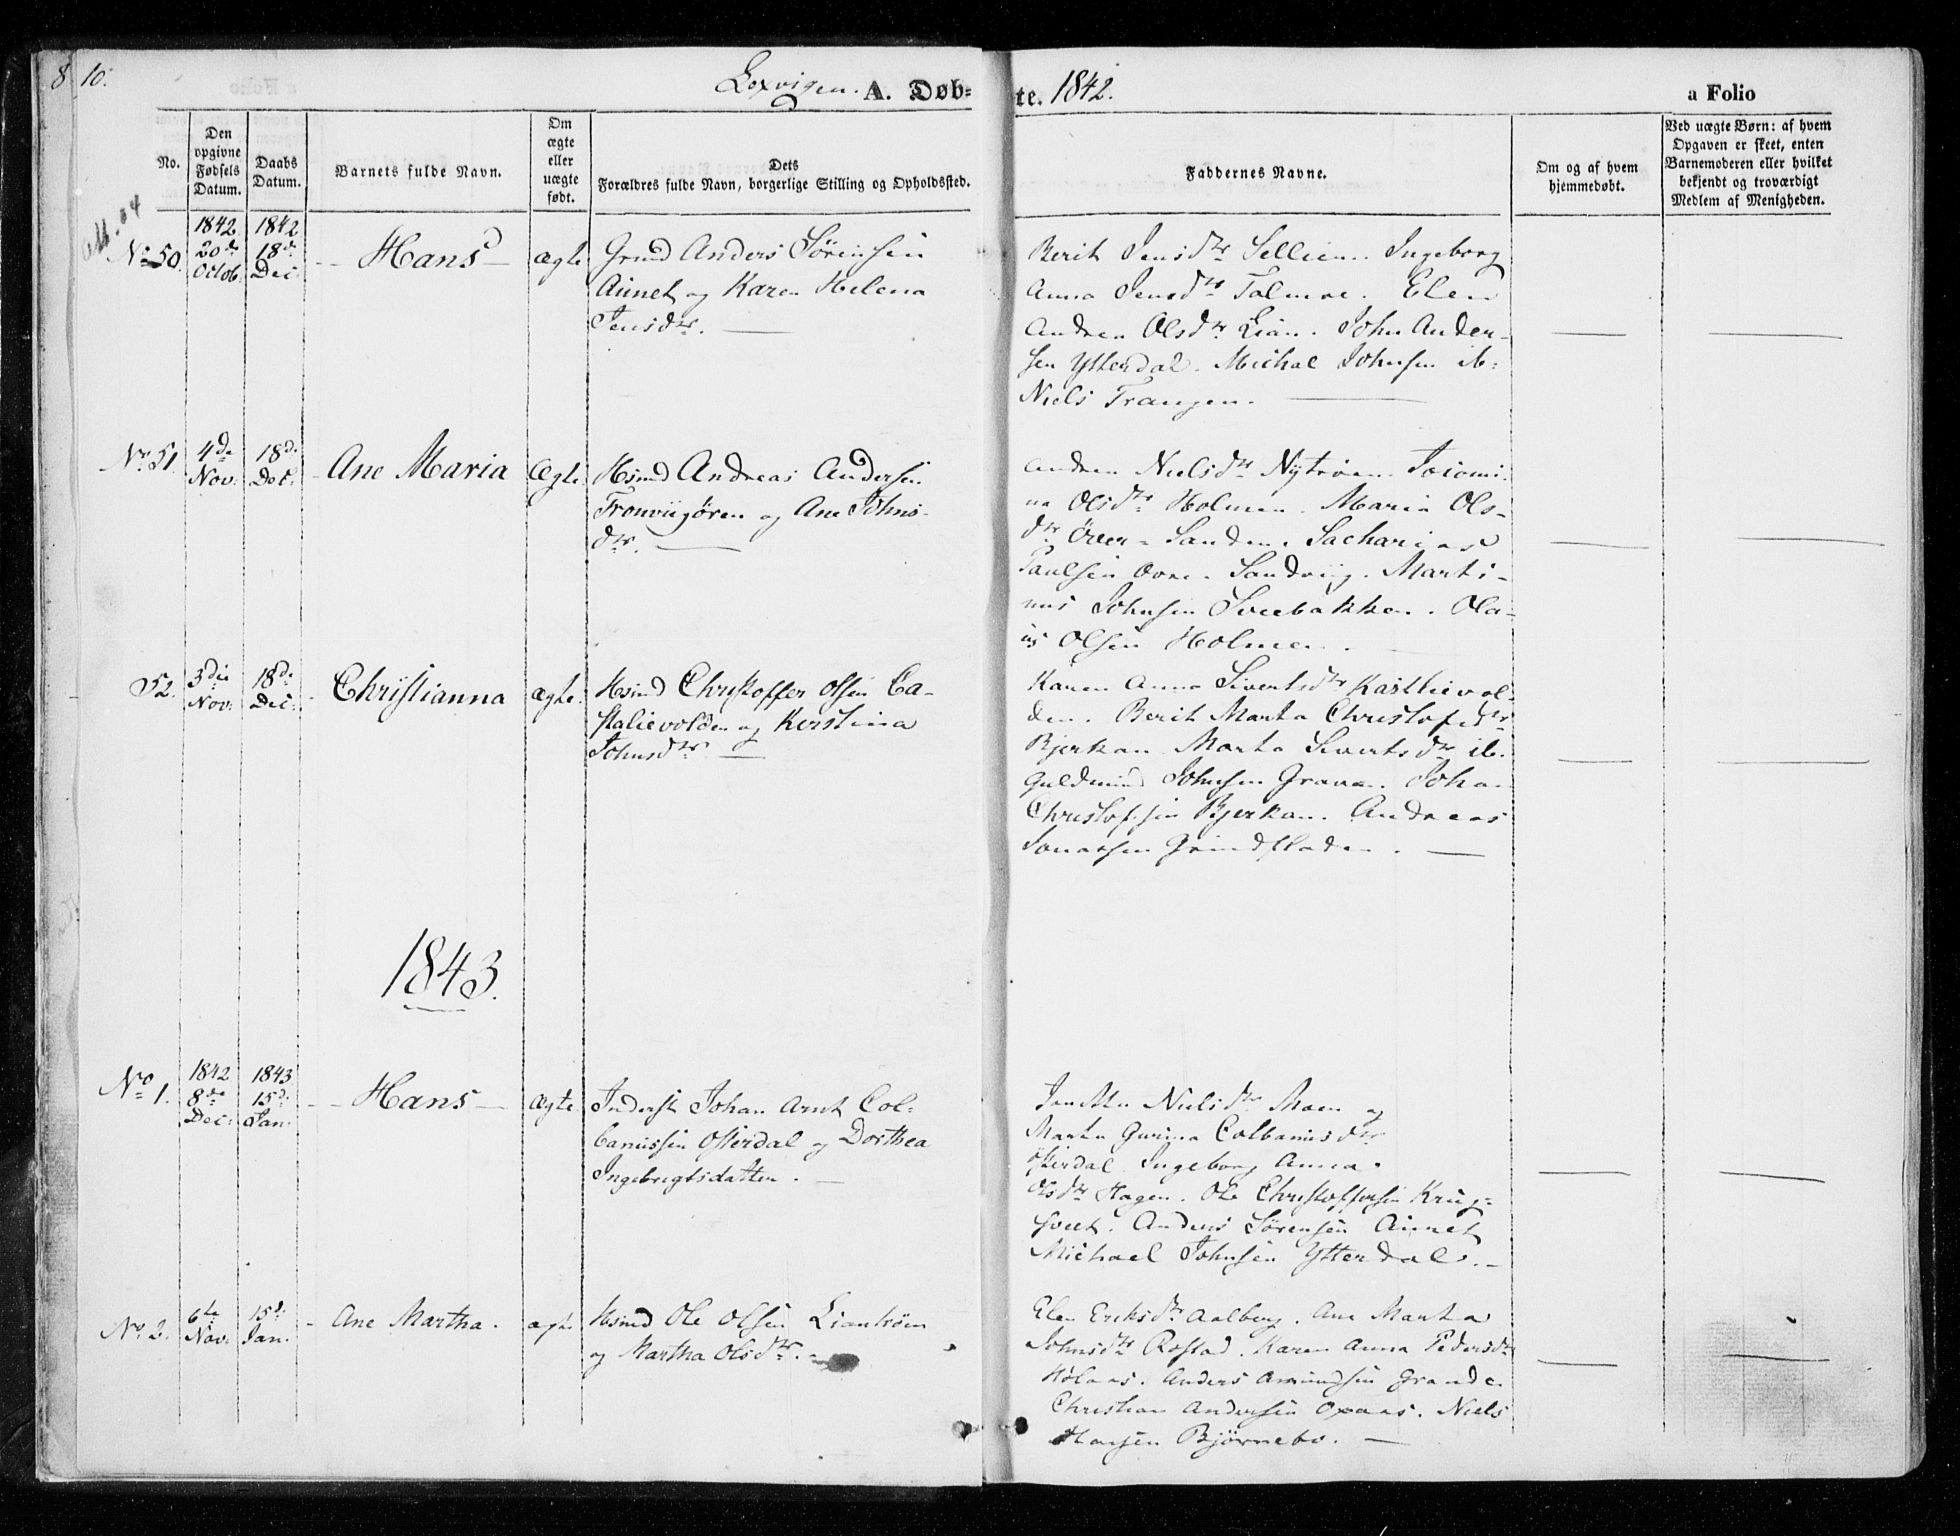 SAT, Ministerialprotokoller, klokkerbøker og fødselsregistre - Nord-Trøndelag, 701/L0007: Ministerialbok nr. 701A07 /1, 1842-1854, s. 10